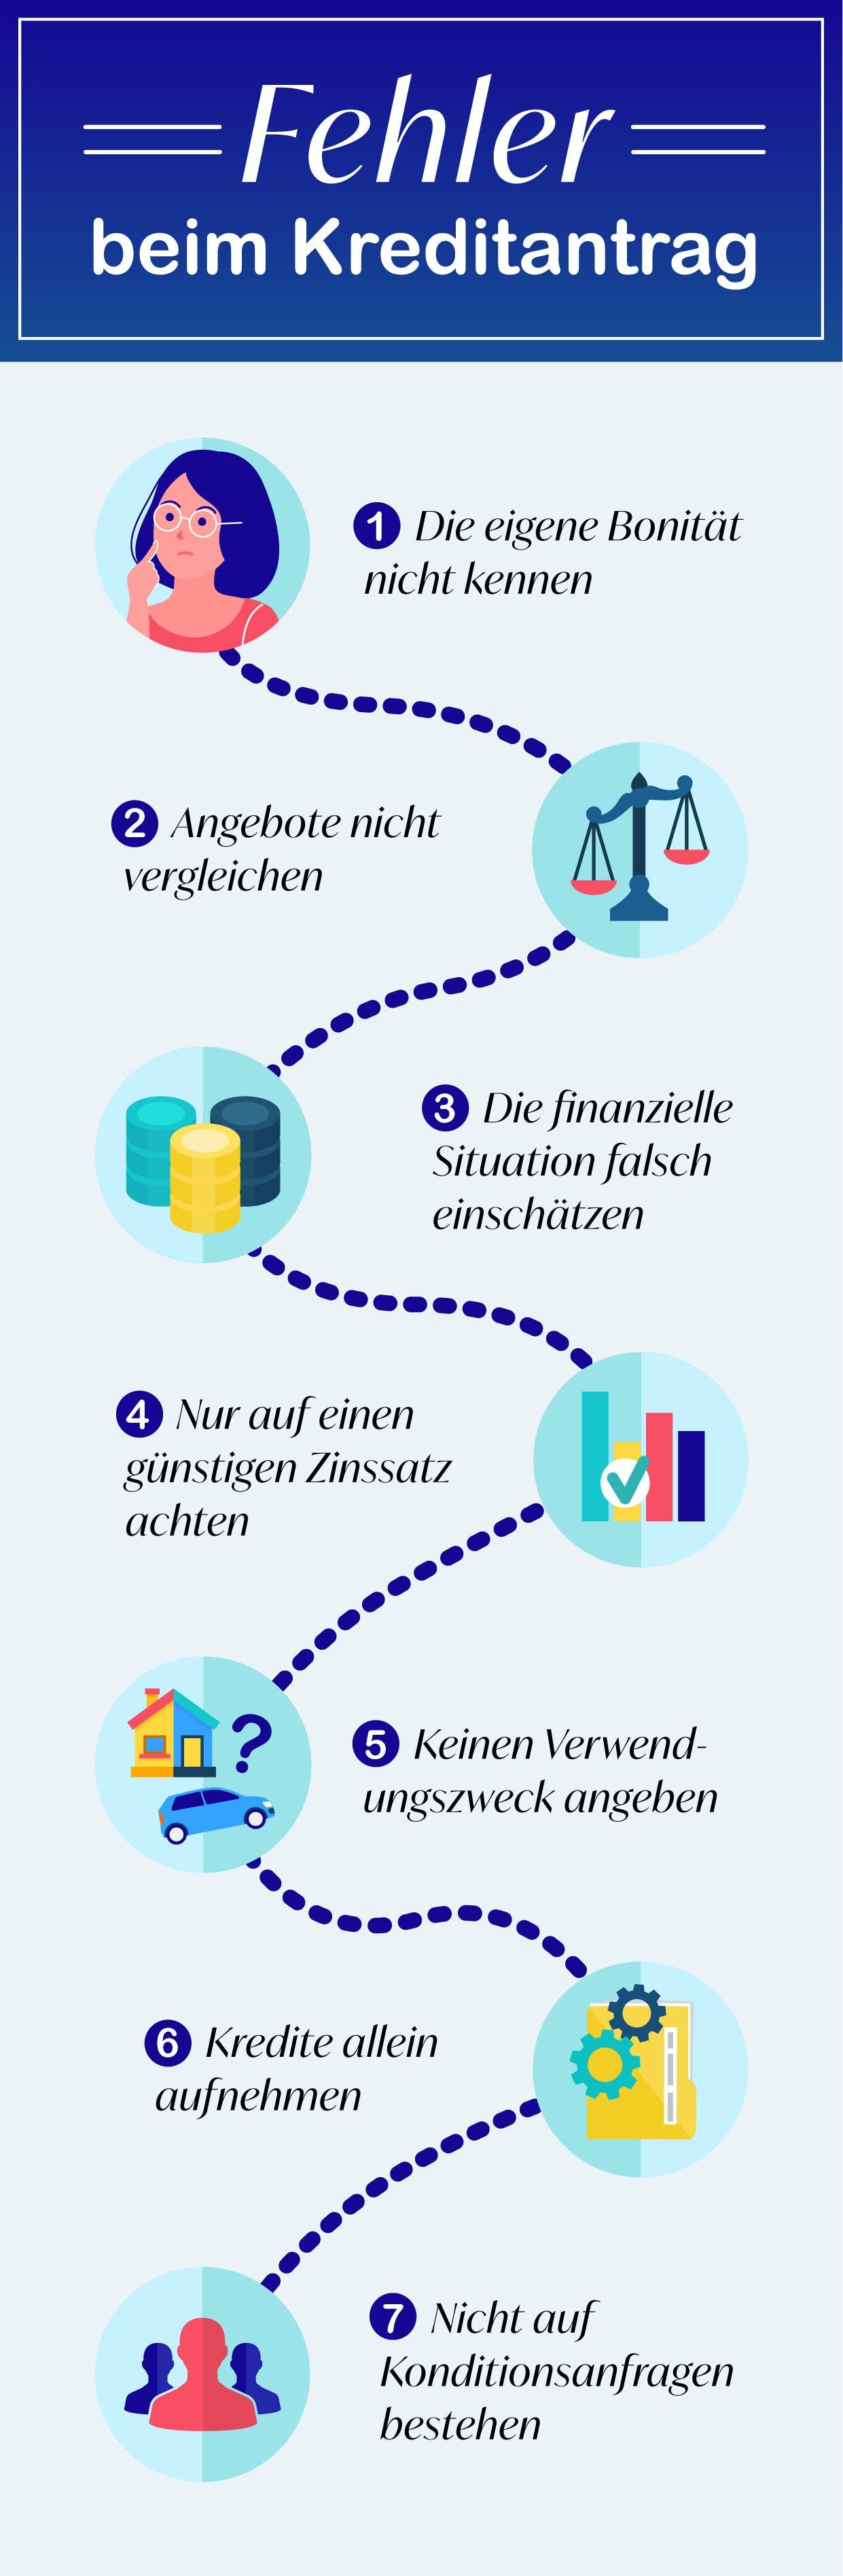 Typische Fehler beim Kreditantrag (Infografik)